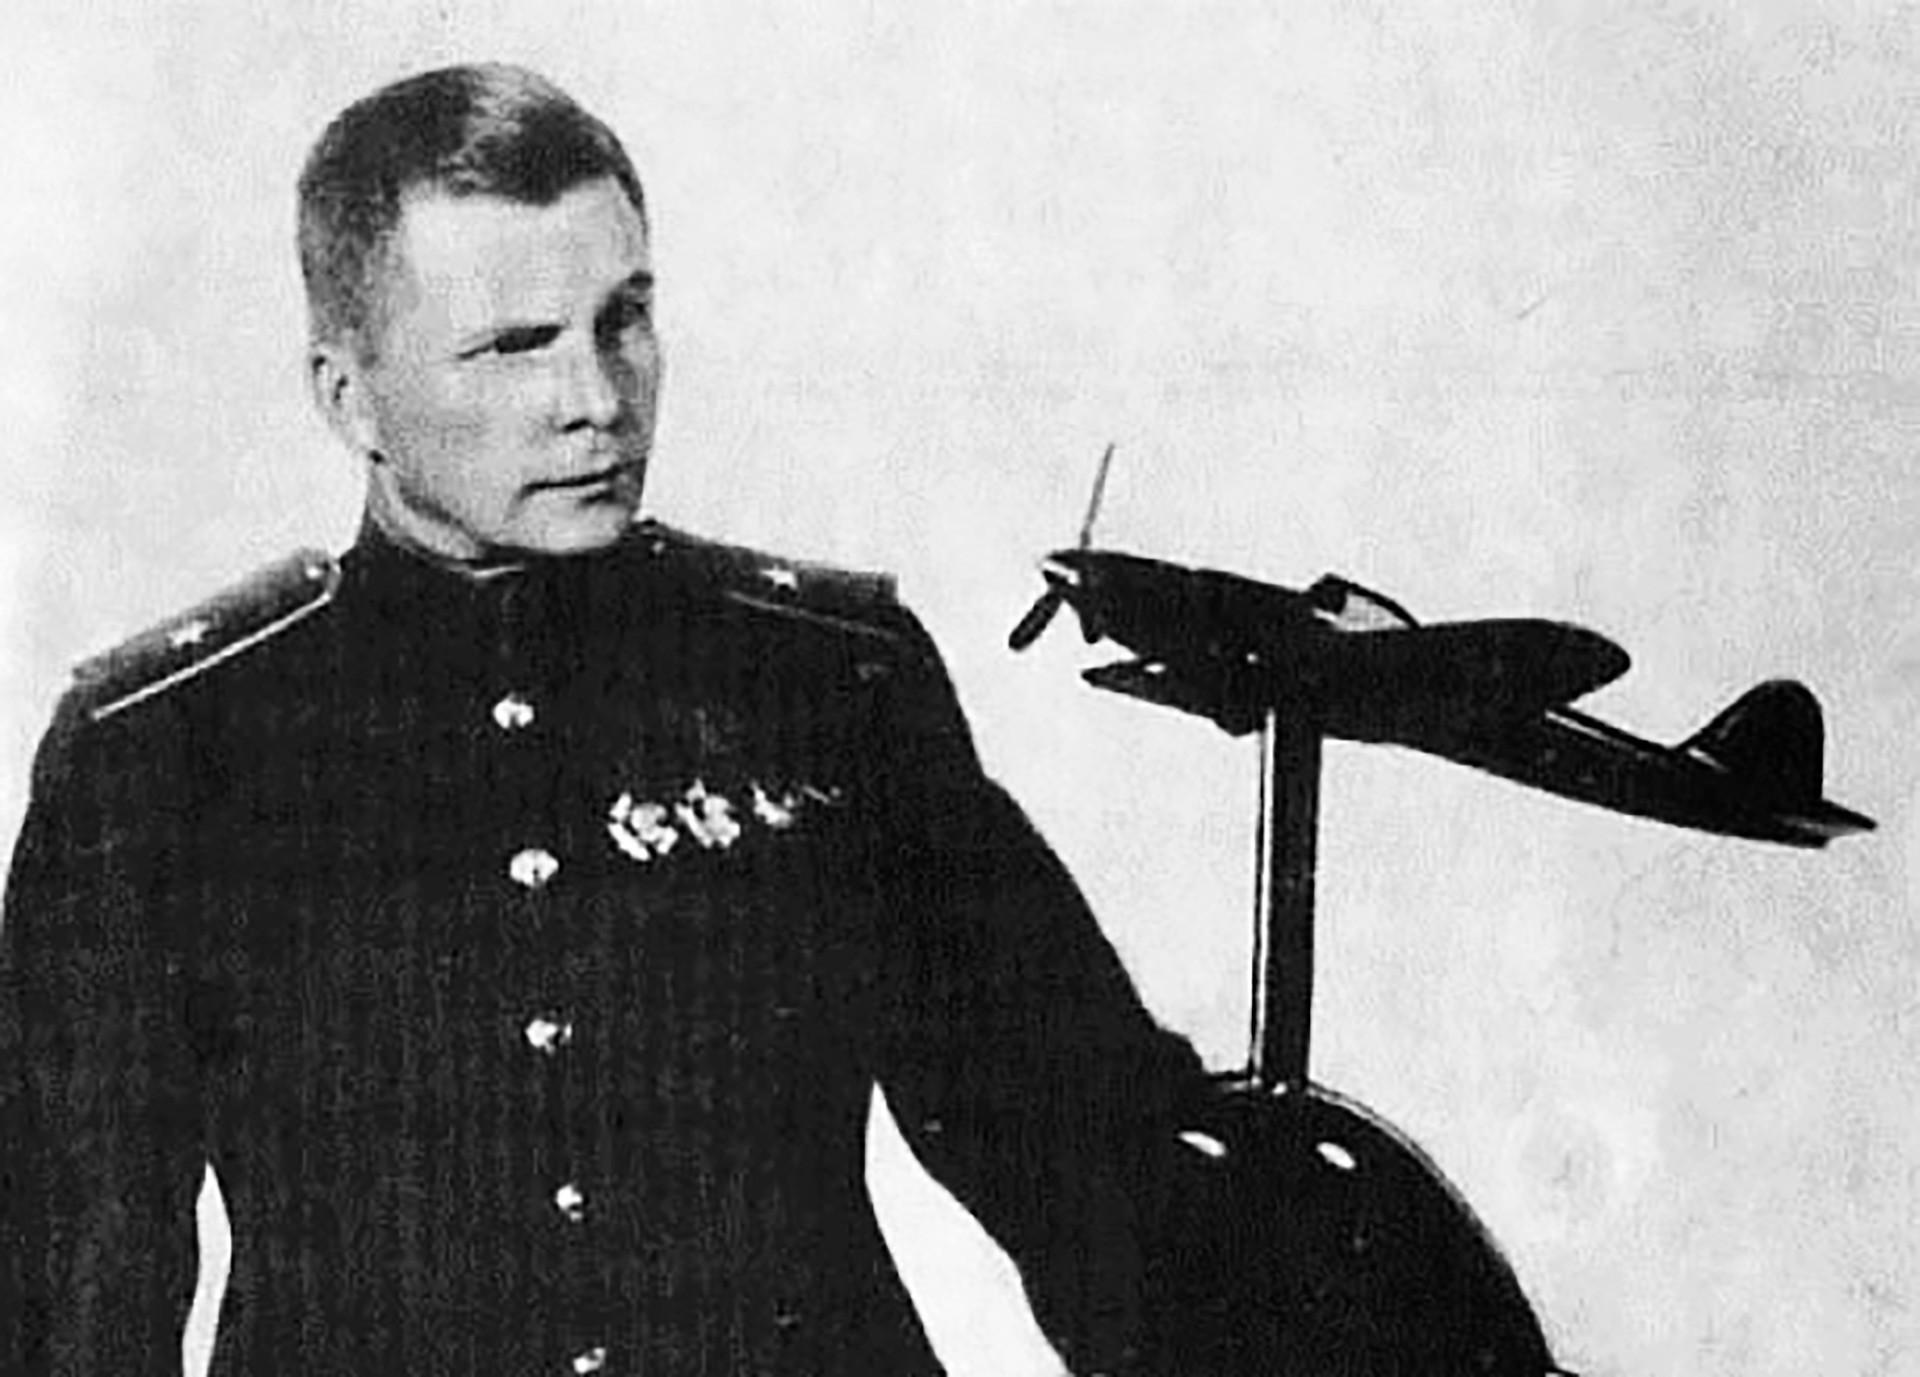 Sovjetski letalski konstruktor Sergej Iljušin z maketo svojega letala Il-2